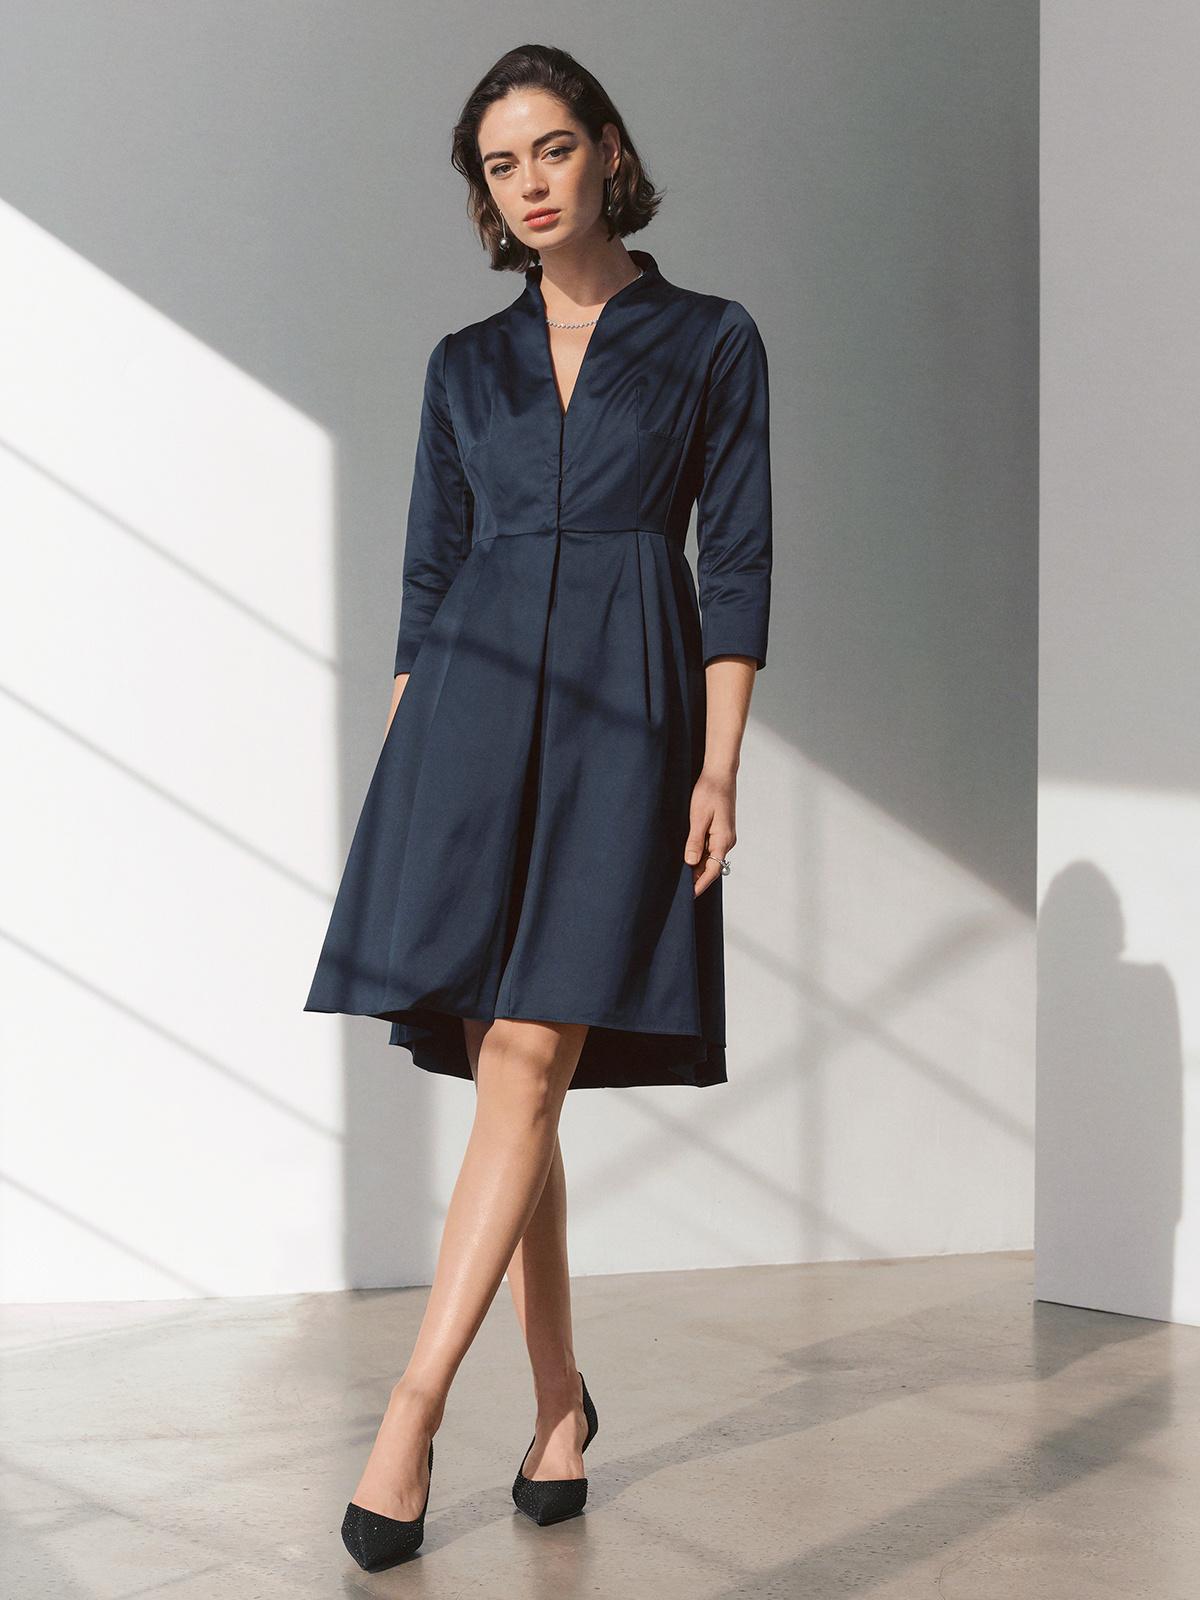 Arcadia Dress Heavy Cotton Sateen Valentina Kova